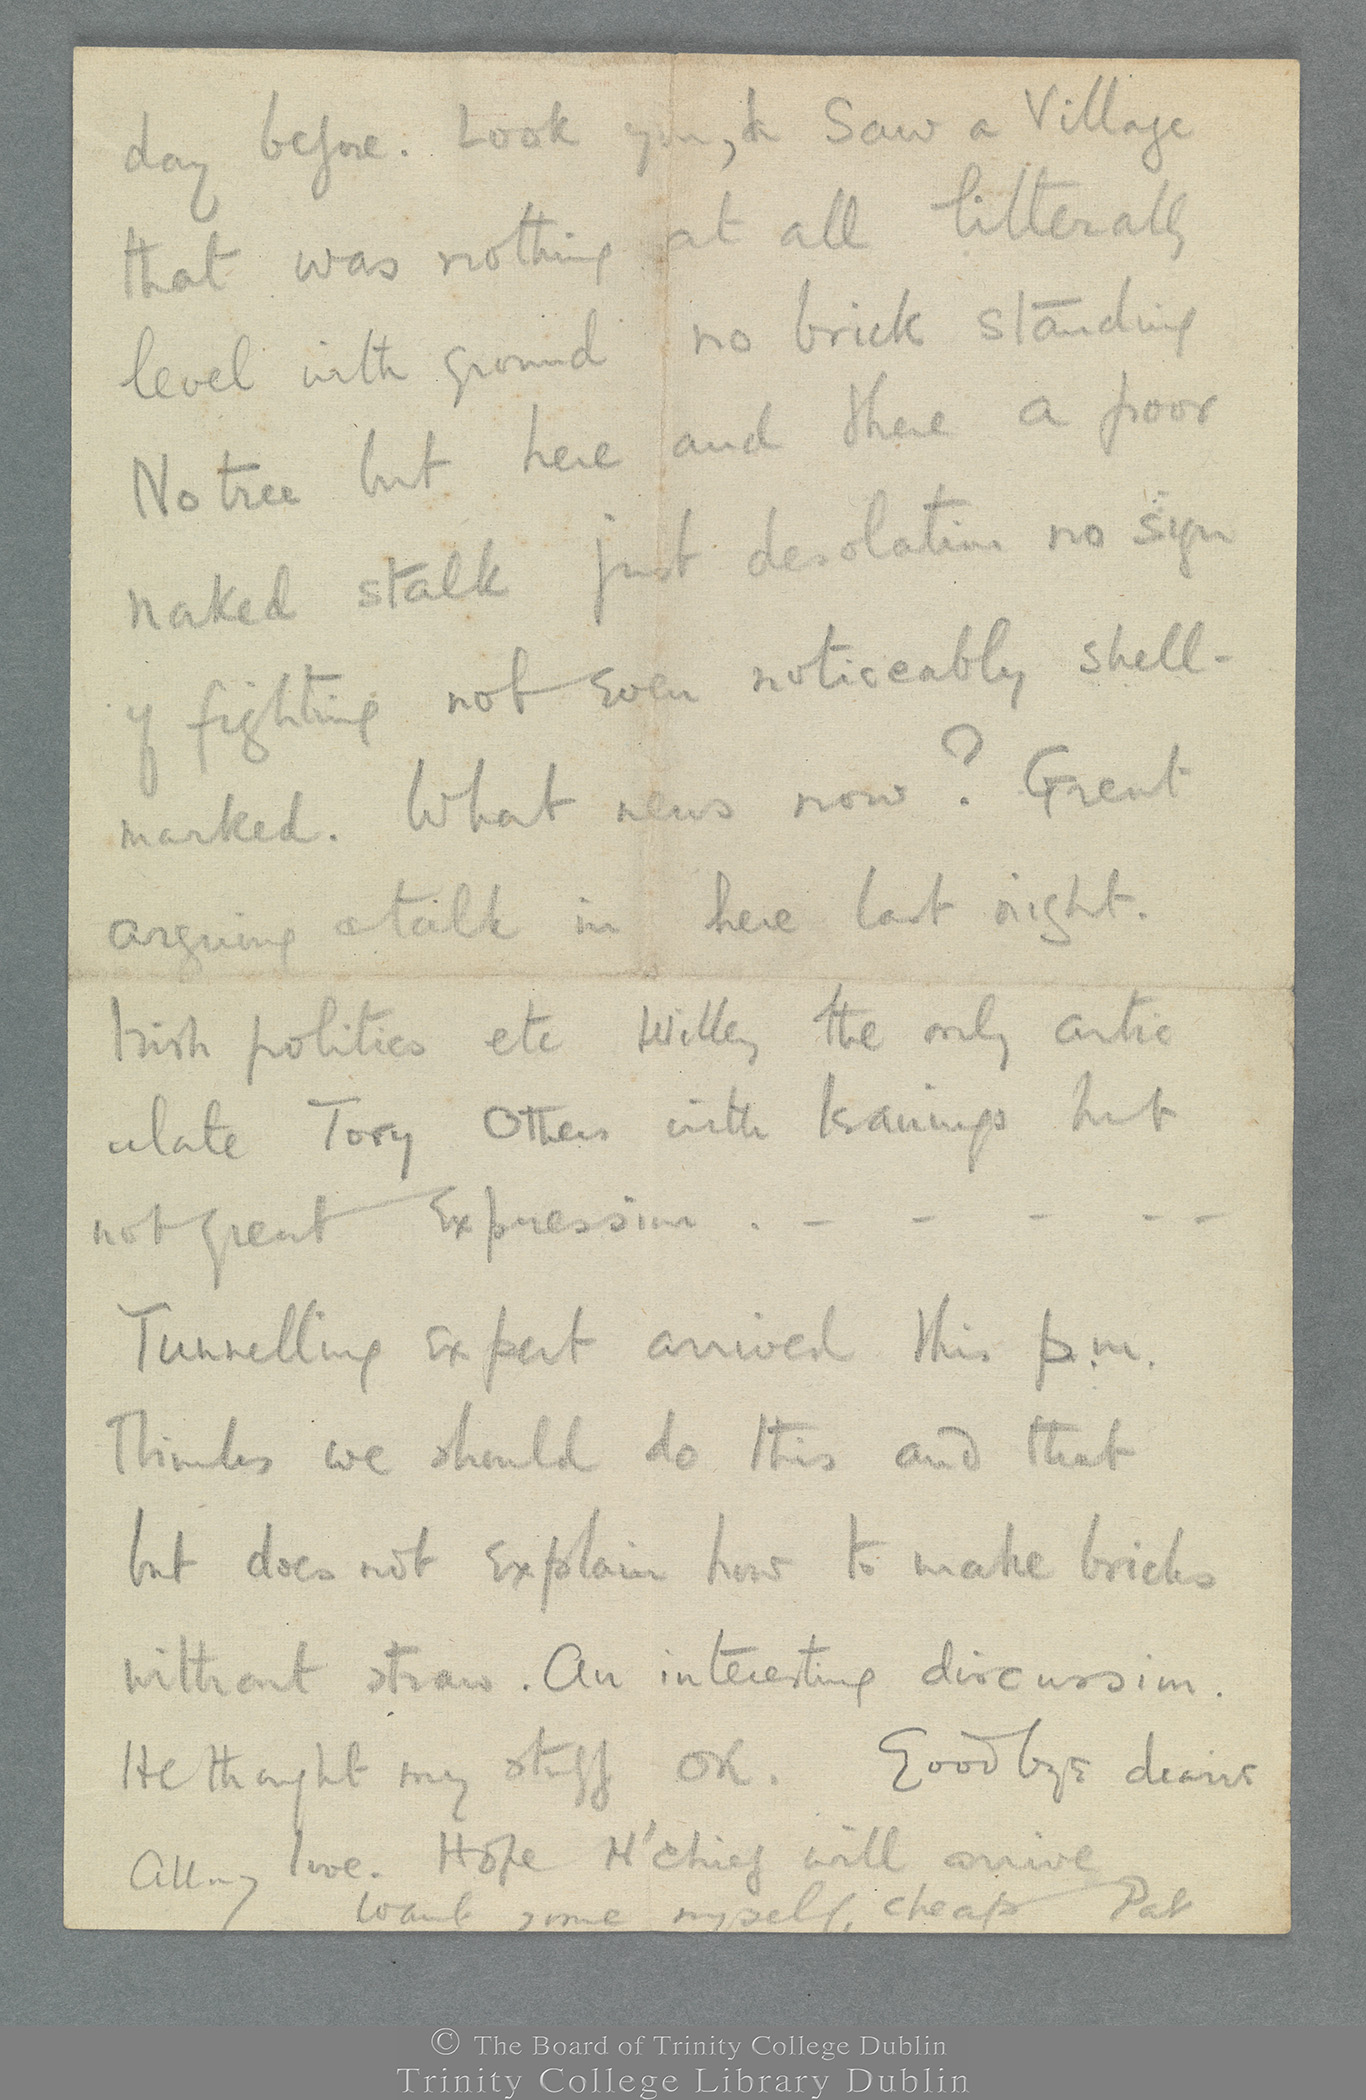 TCD MS 11274/43 folio 2 verso